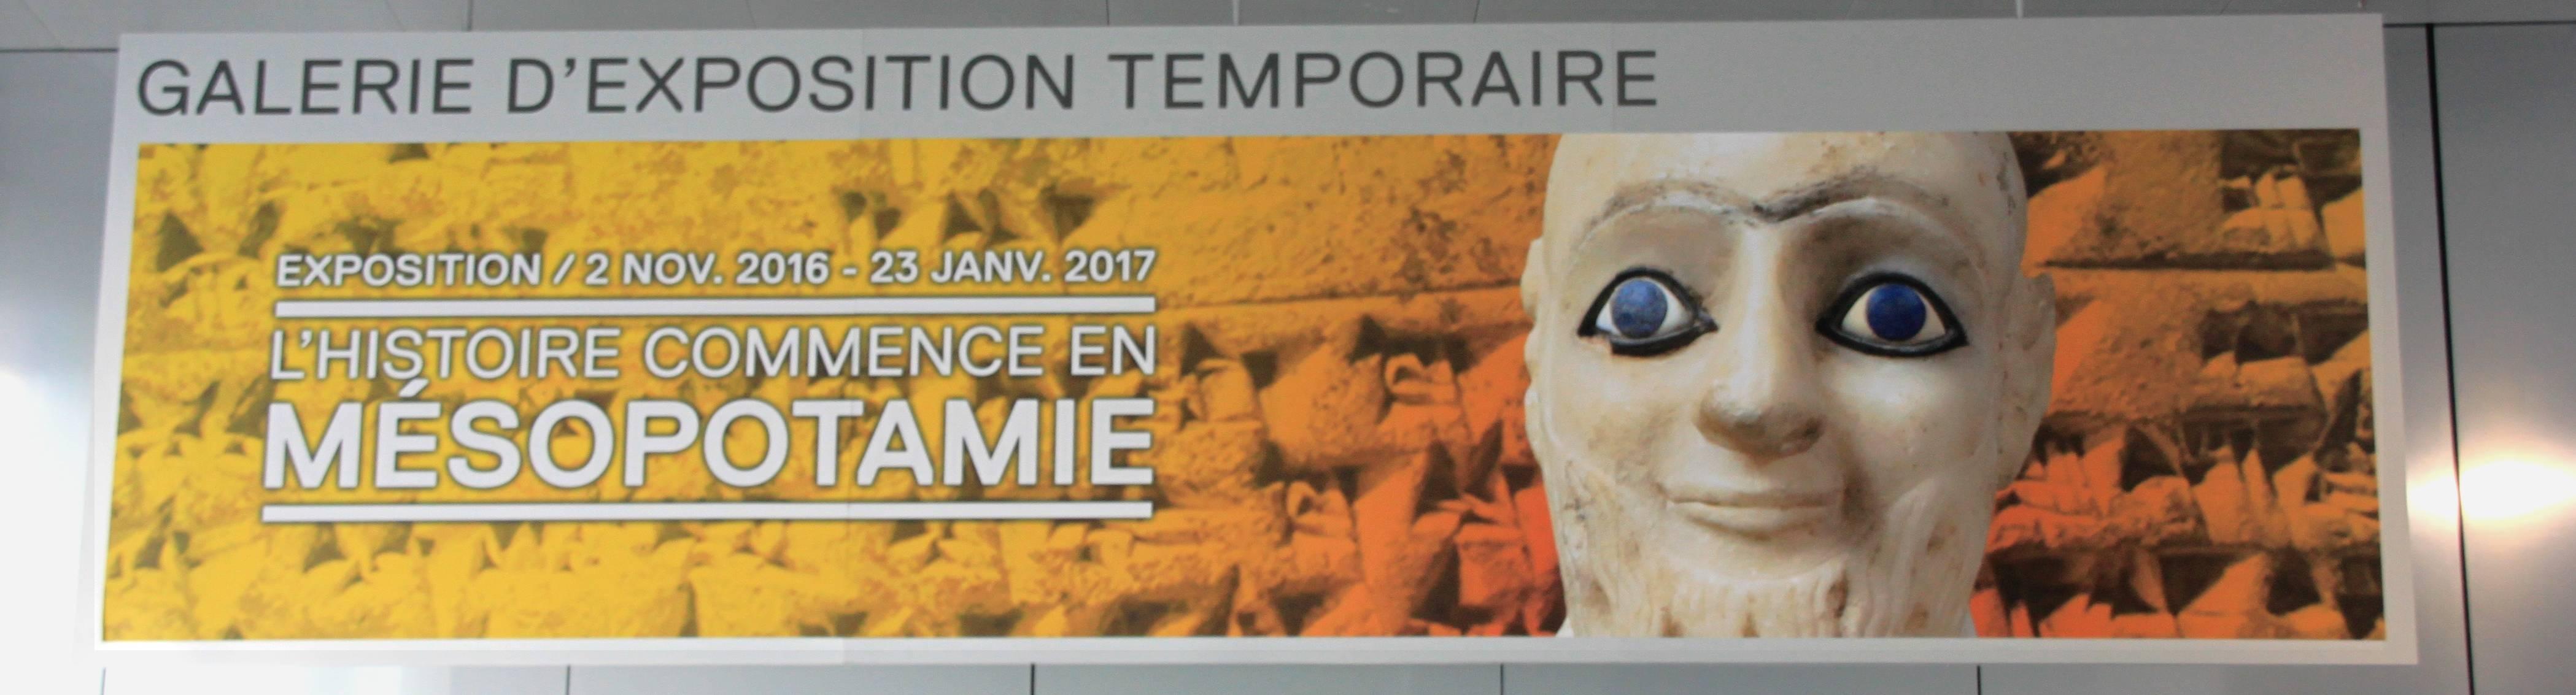 banniere expo esmopotamie